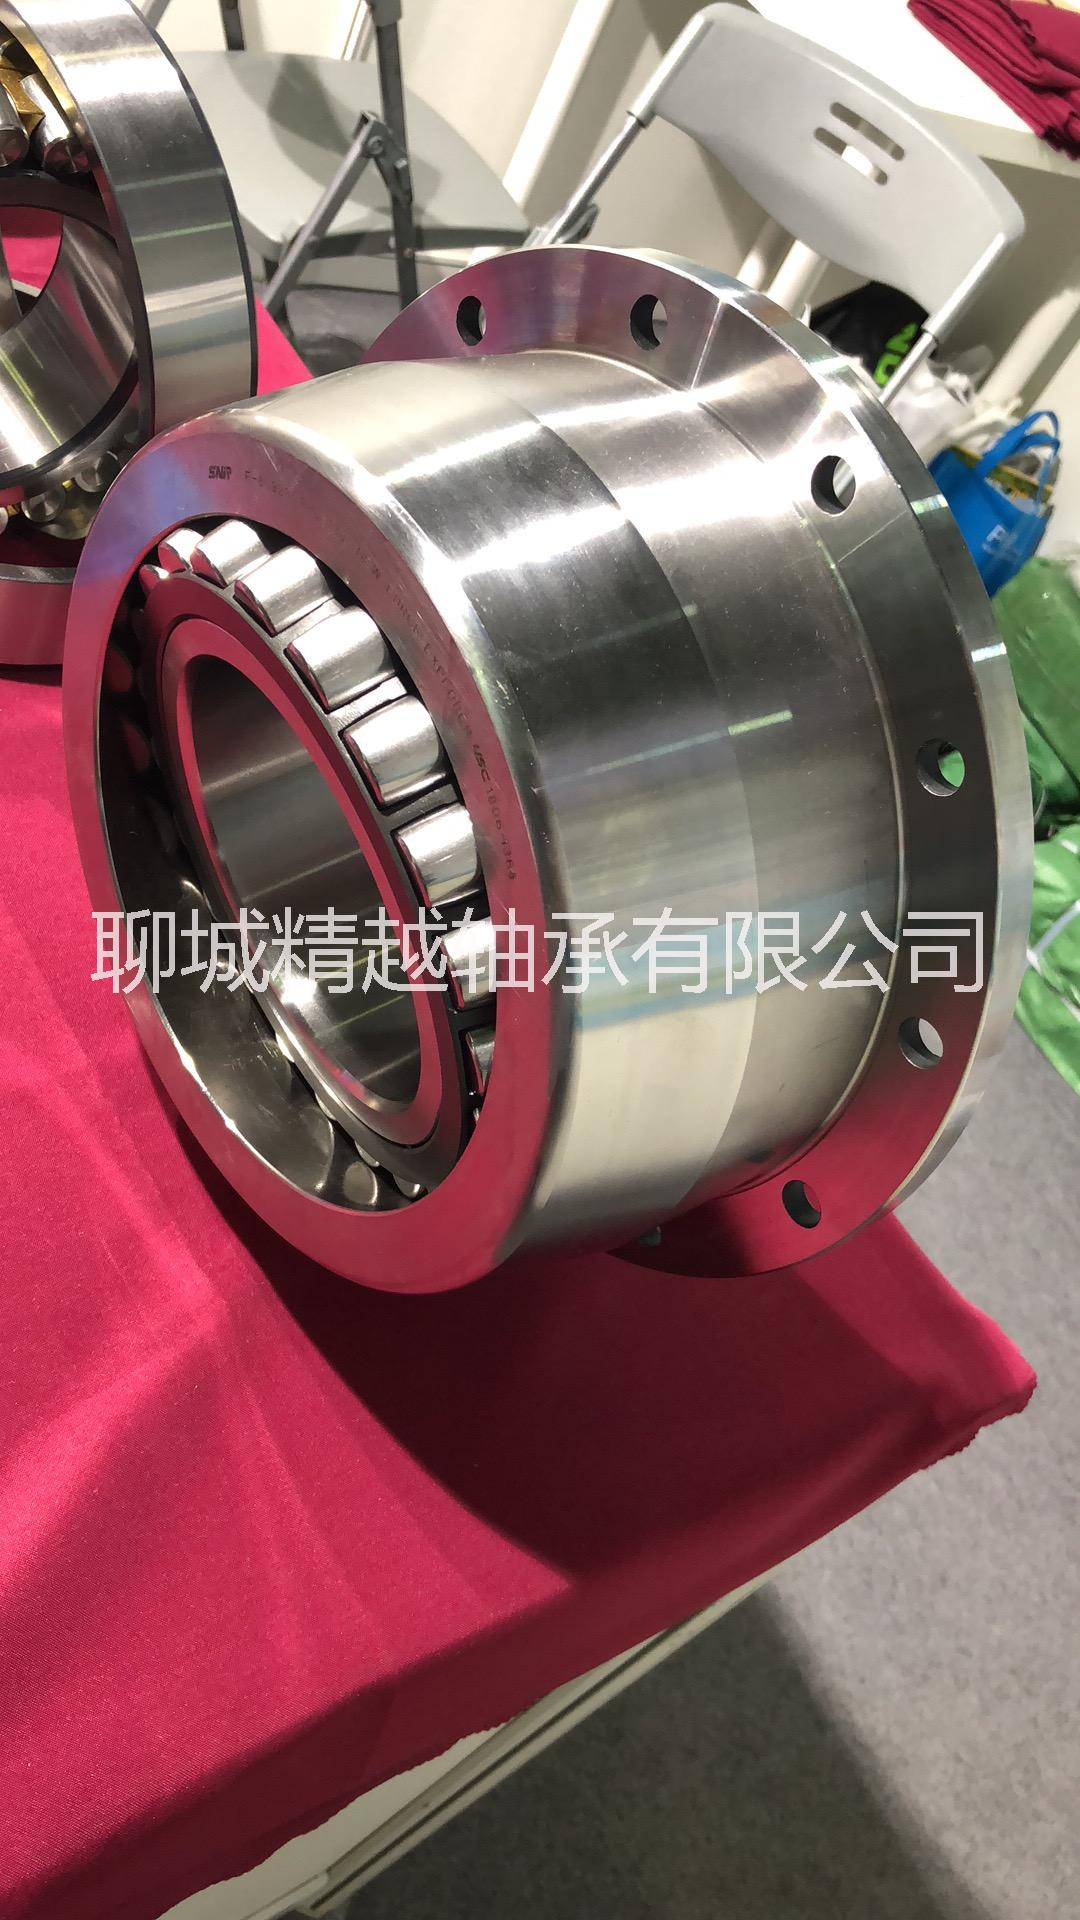 托普TOP92S、95S轴承,多少钱哪家好工程机械轴承厂直销工程机械轴承供应商 轴  托普TOP92S、95S轴承